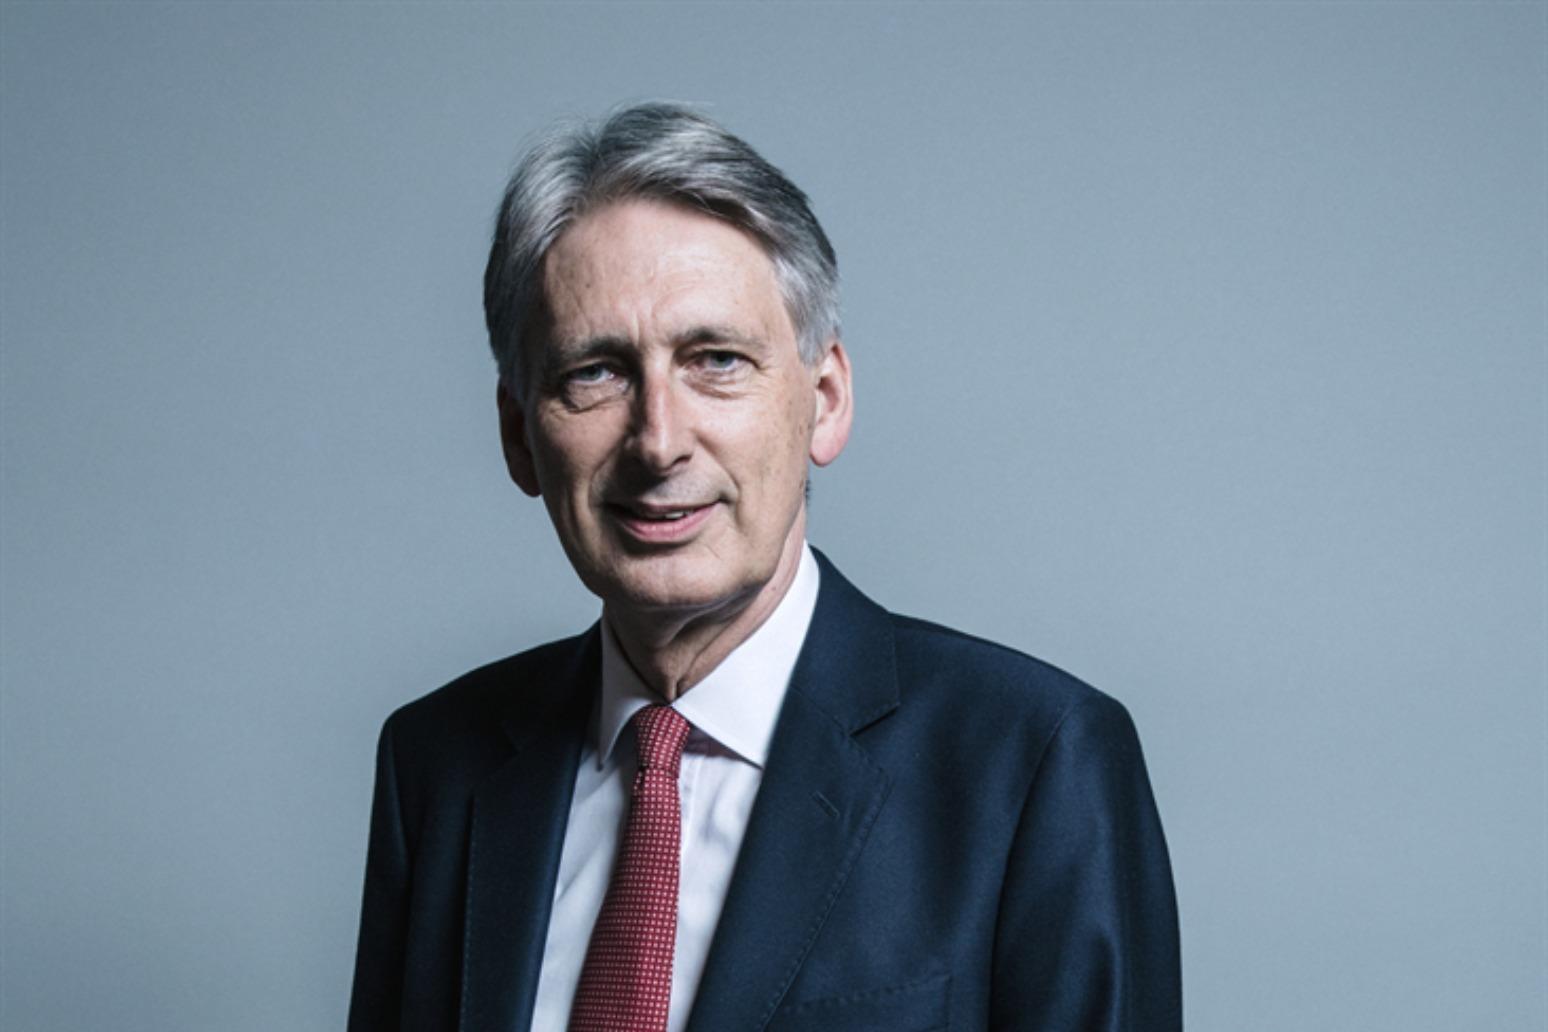 National Insurance increase will provoke backlash former chancellor warns thumbnail